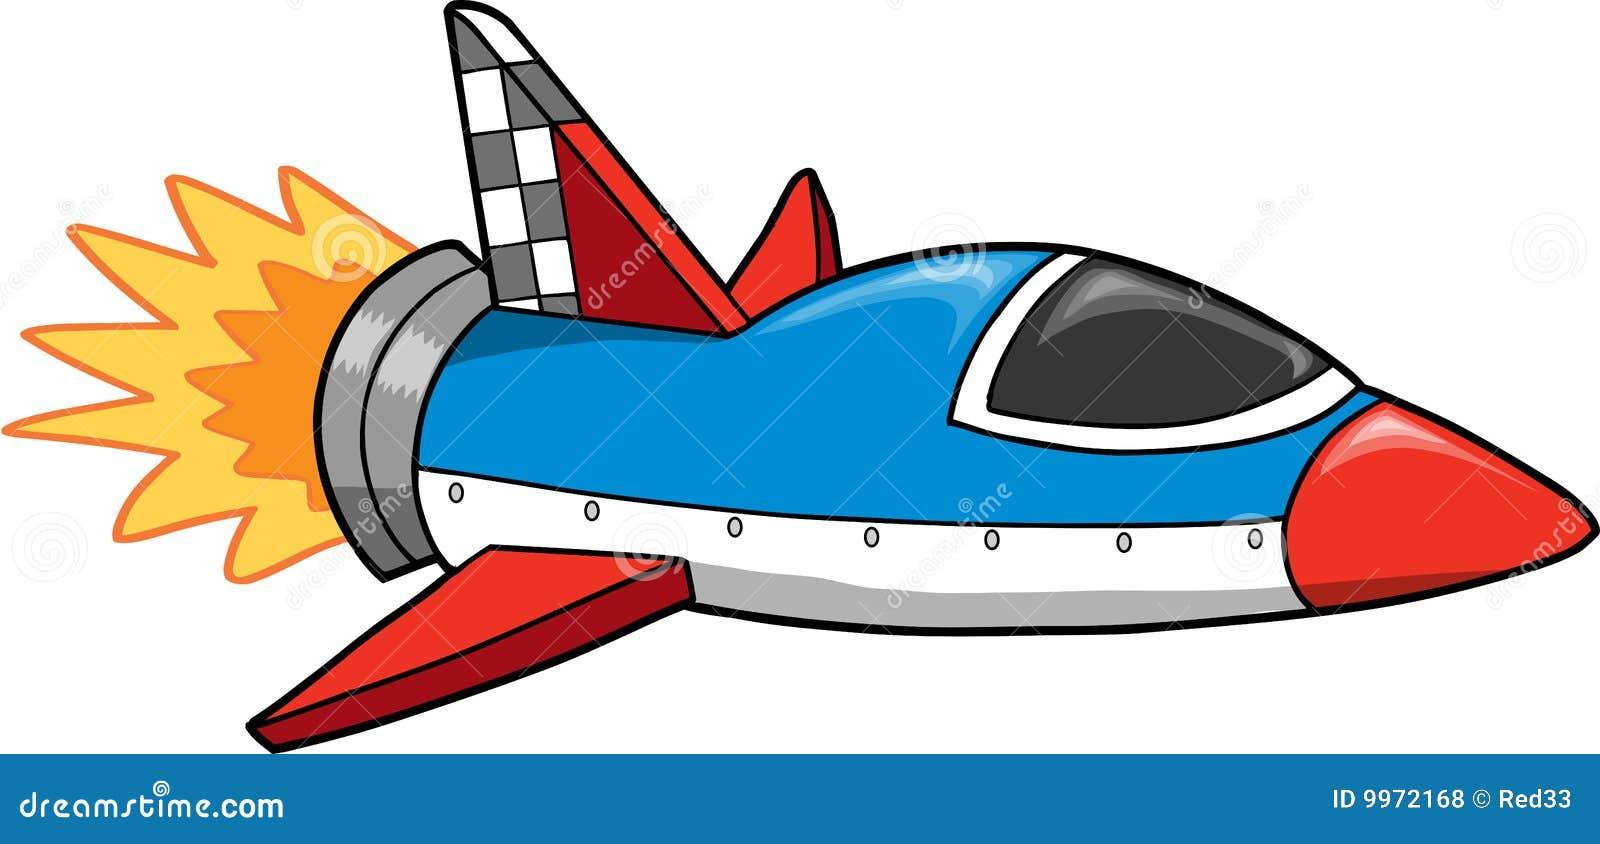 Rocket Ship Vector Illustration Stock Vector ...